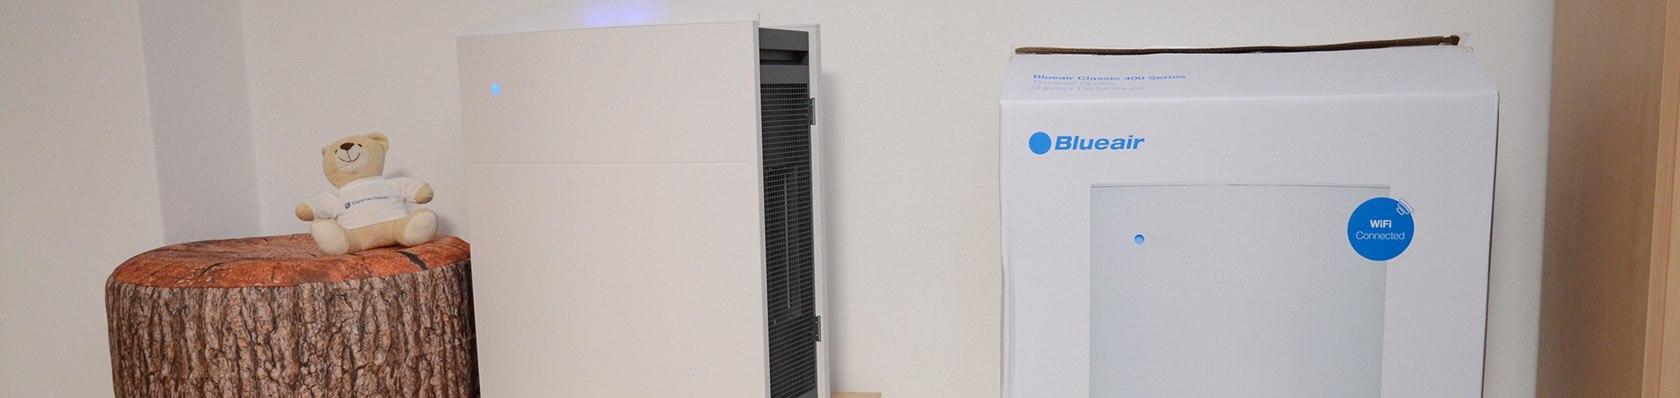 Luftreiniger im Test auf ExpertenTesten.de